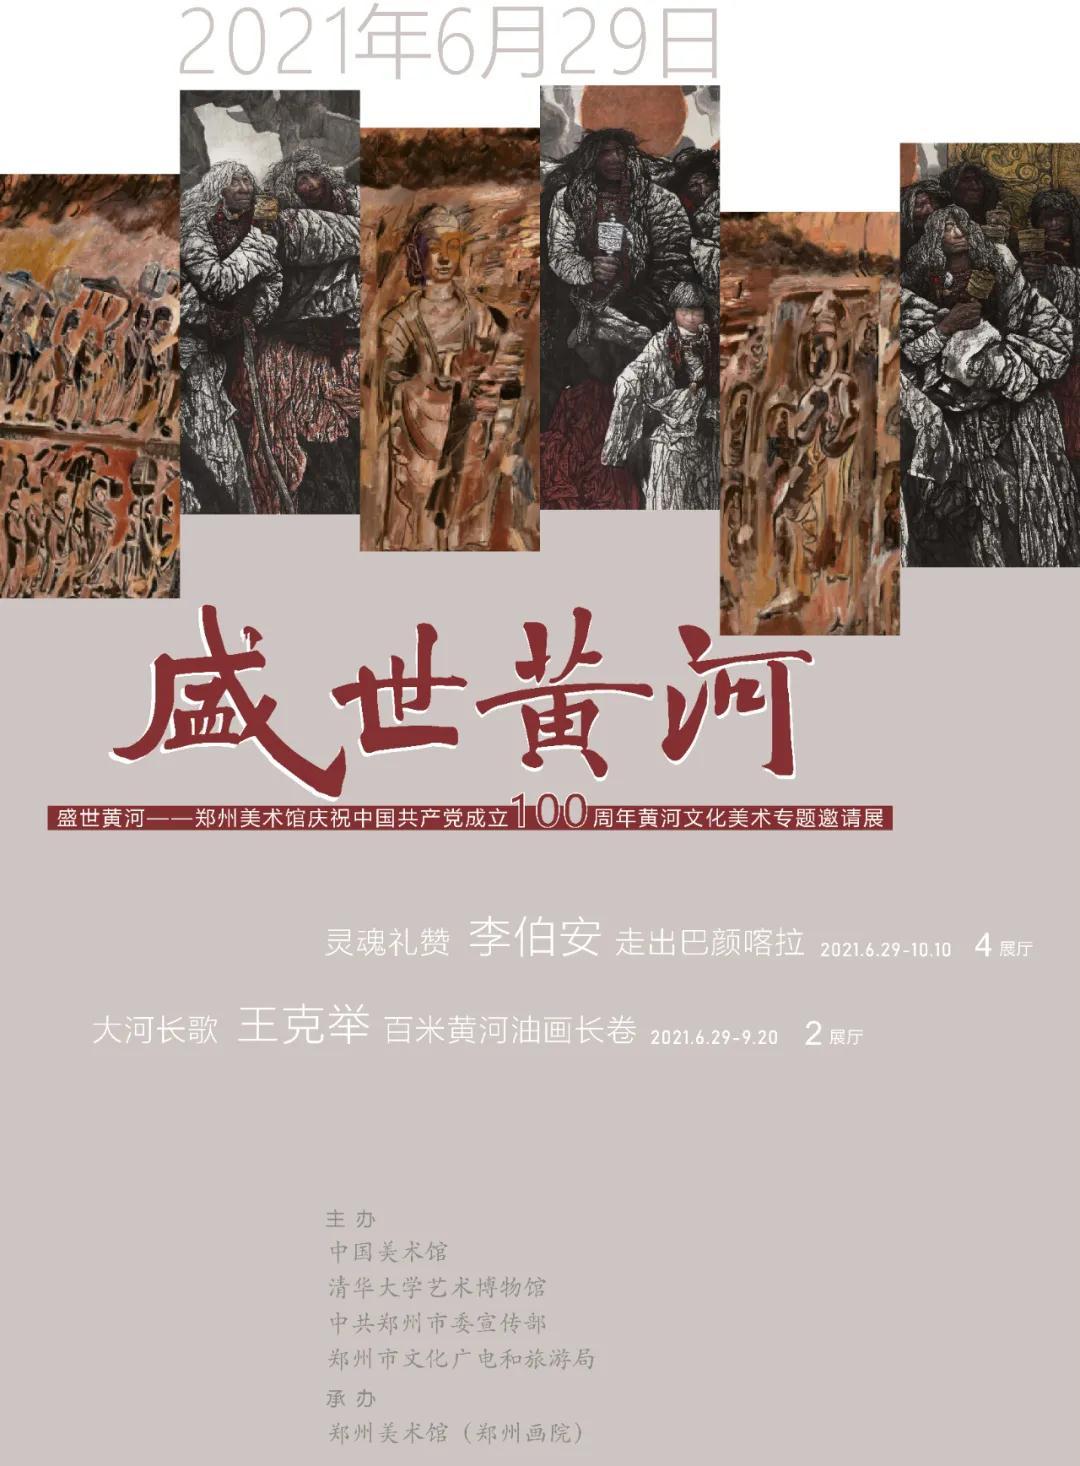 盛世黄河——郑州美术馆庆祝中国共产党成立100周年黄河文化美术专题邀请展将于6月29日正式开幕